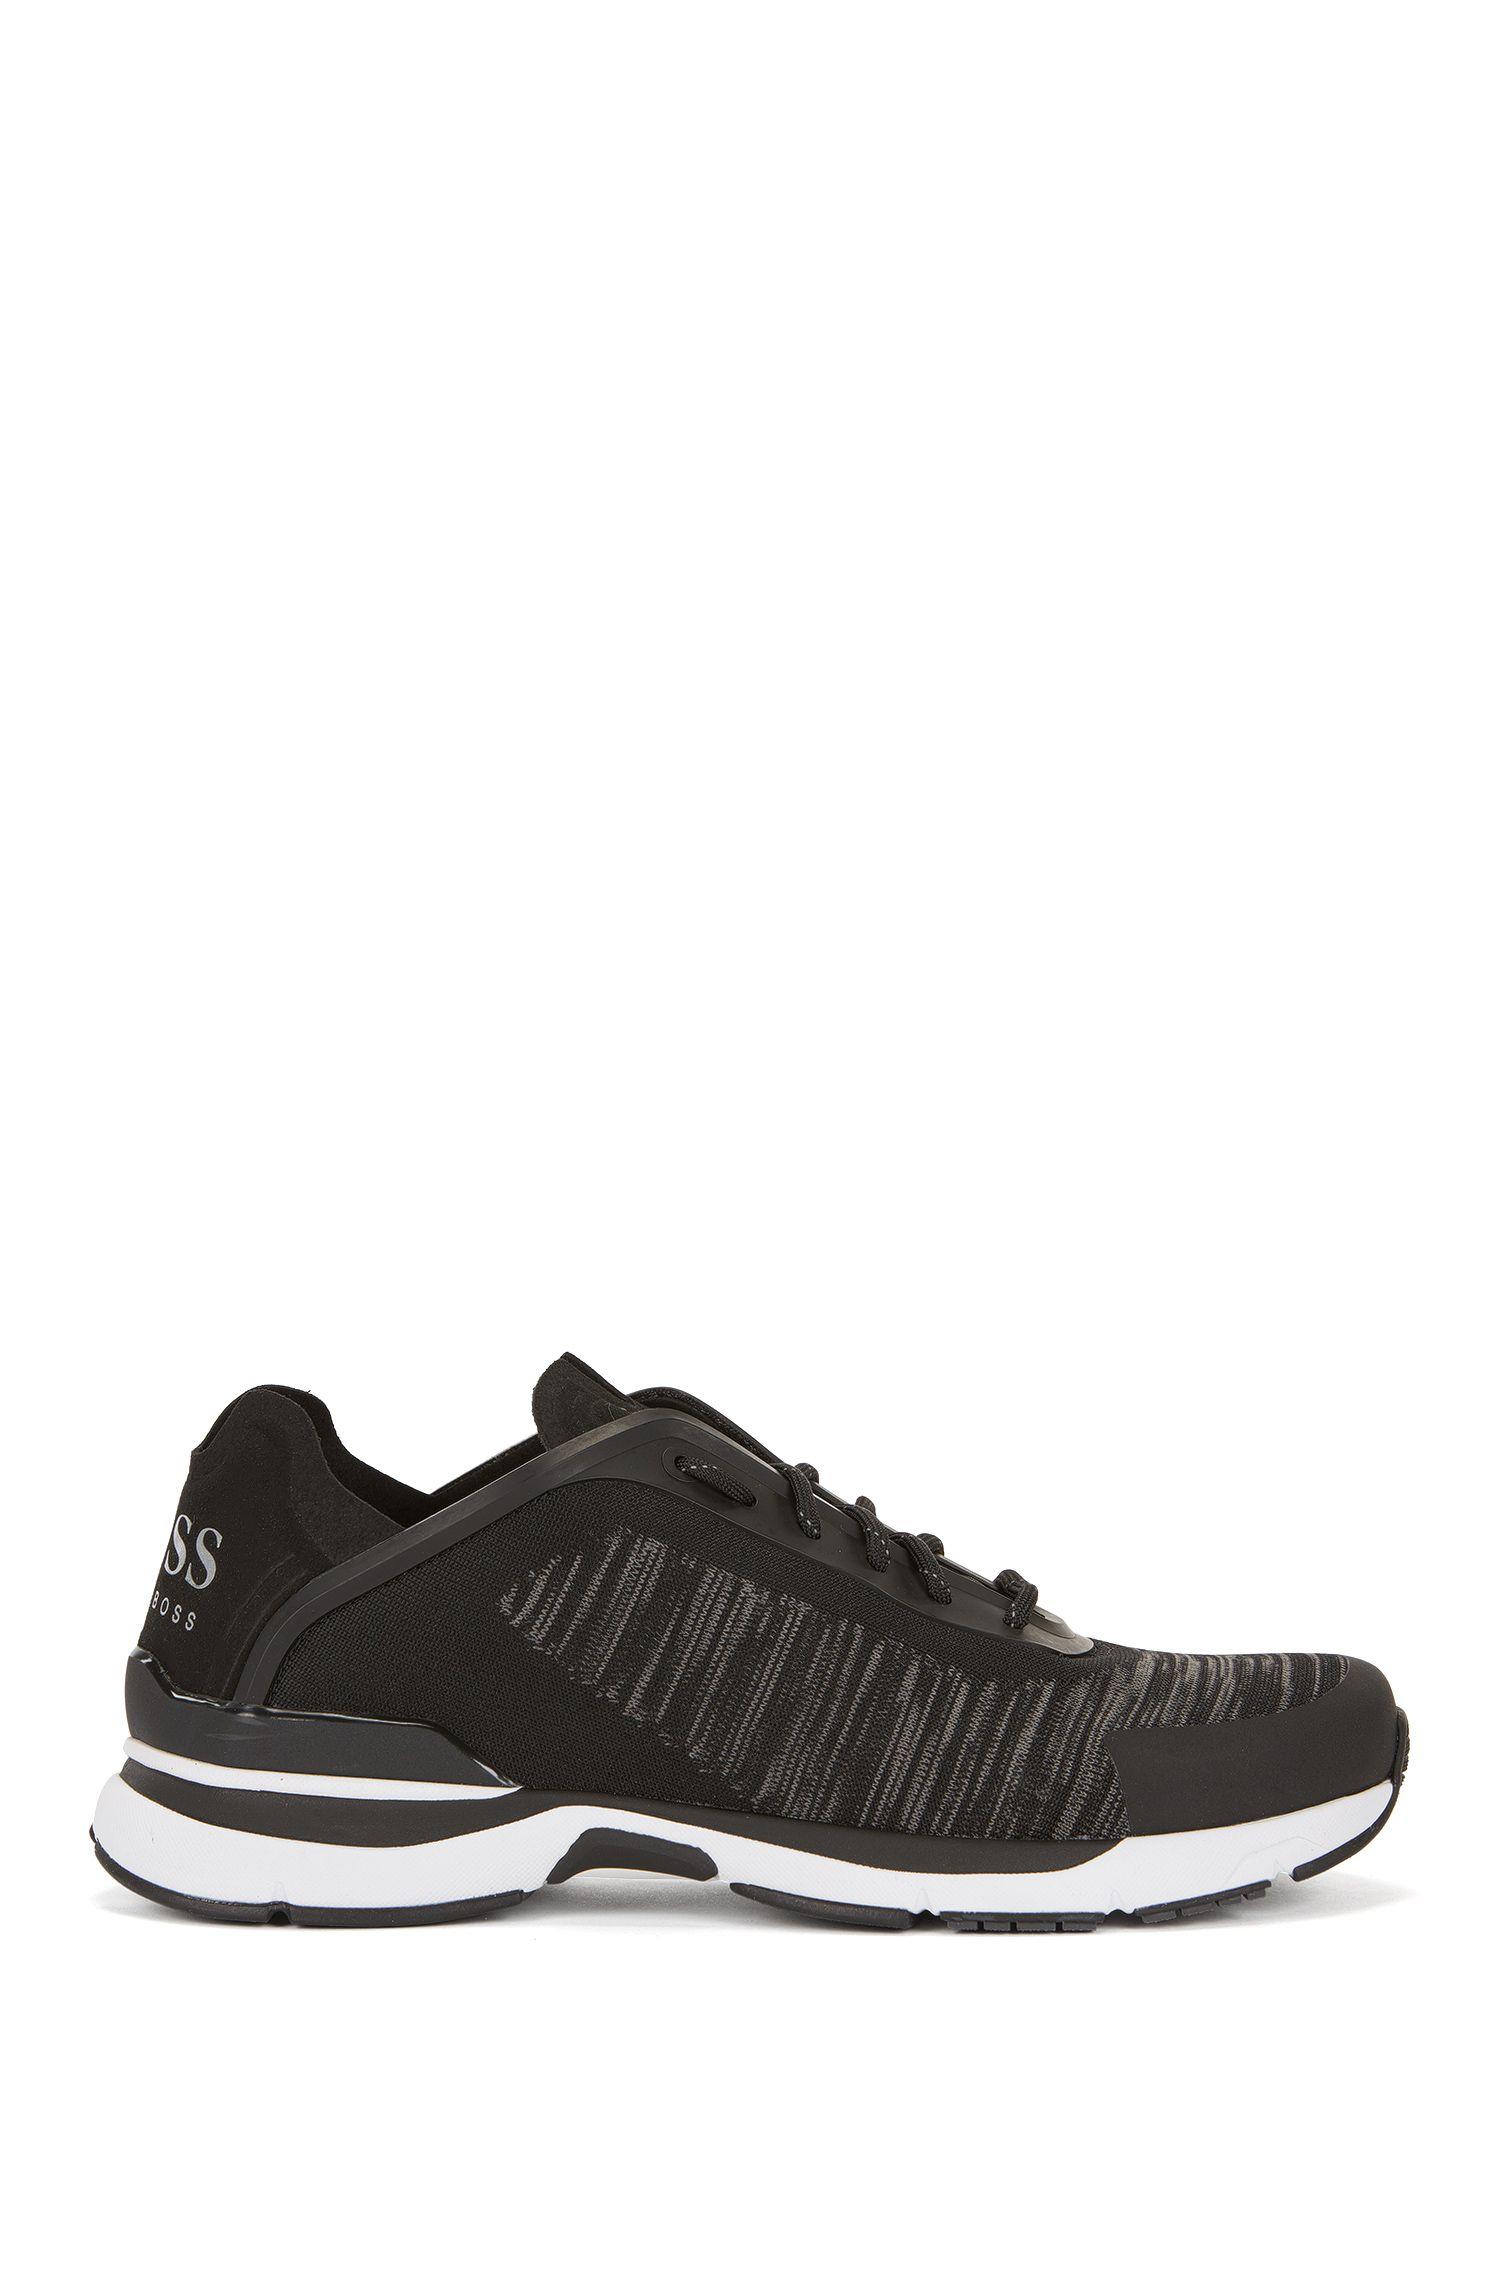 Deportivas estilo zapatillas de correr con empeines en punto de jacquard